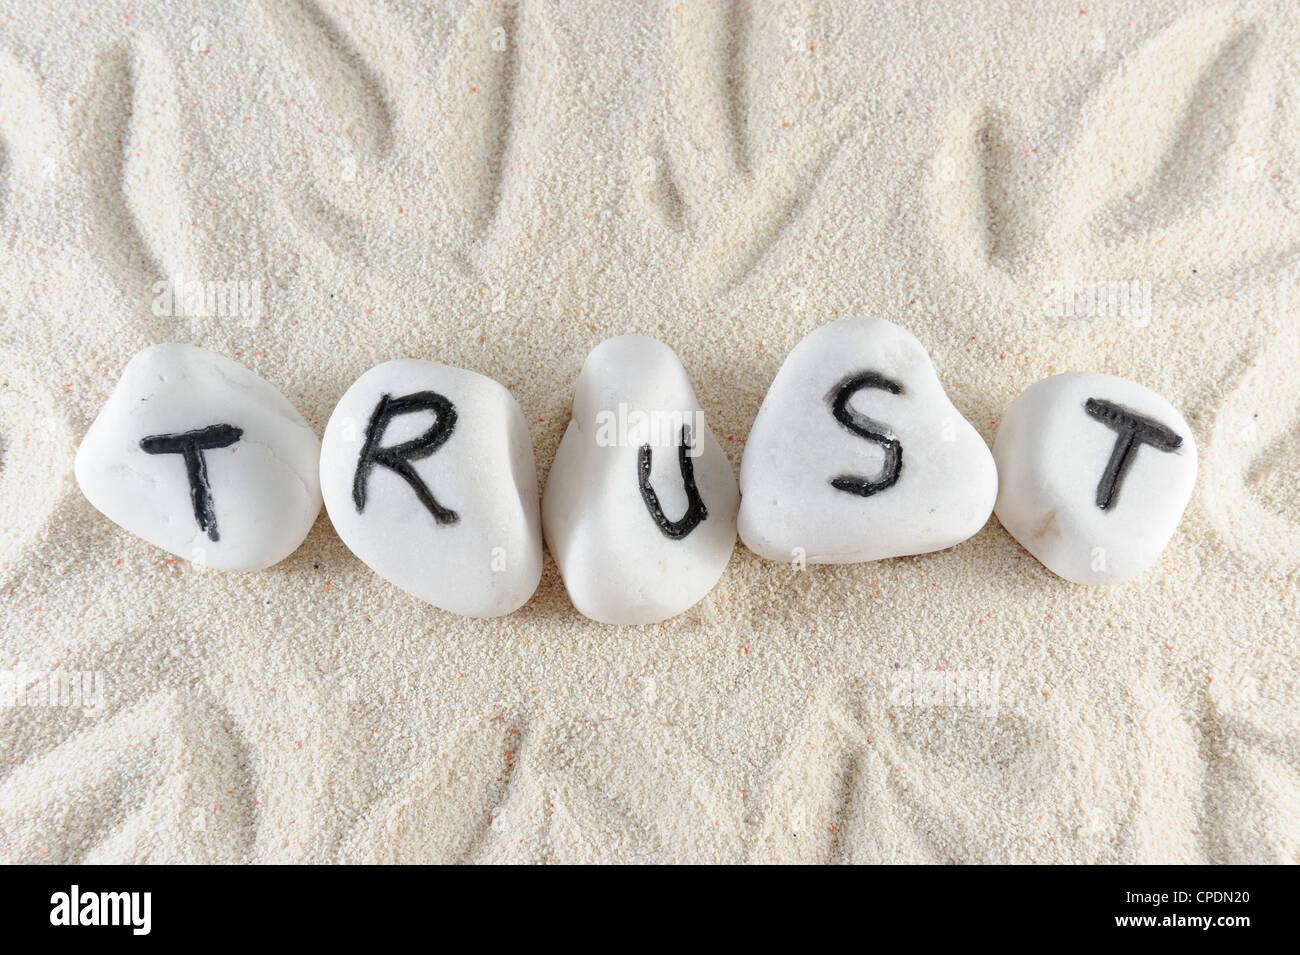 Palabra de confianza en el grupo de piedras en la arena Imagen De Stock